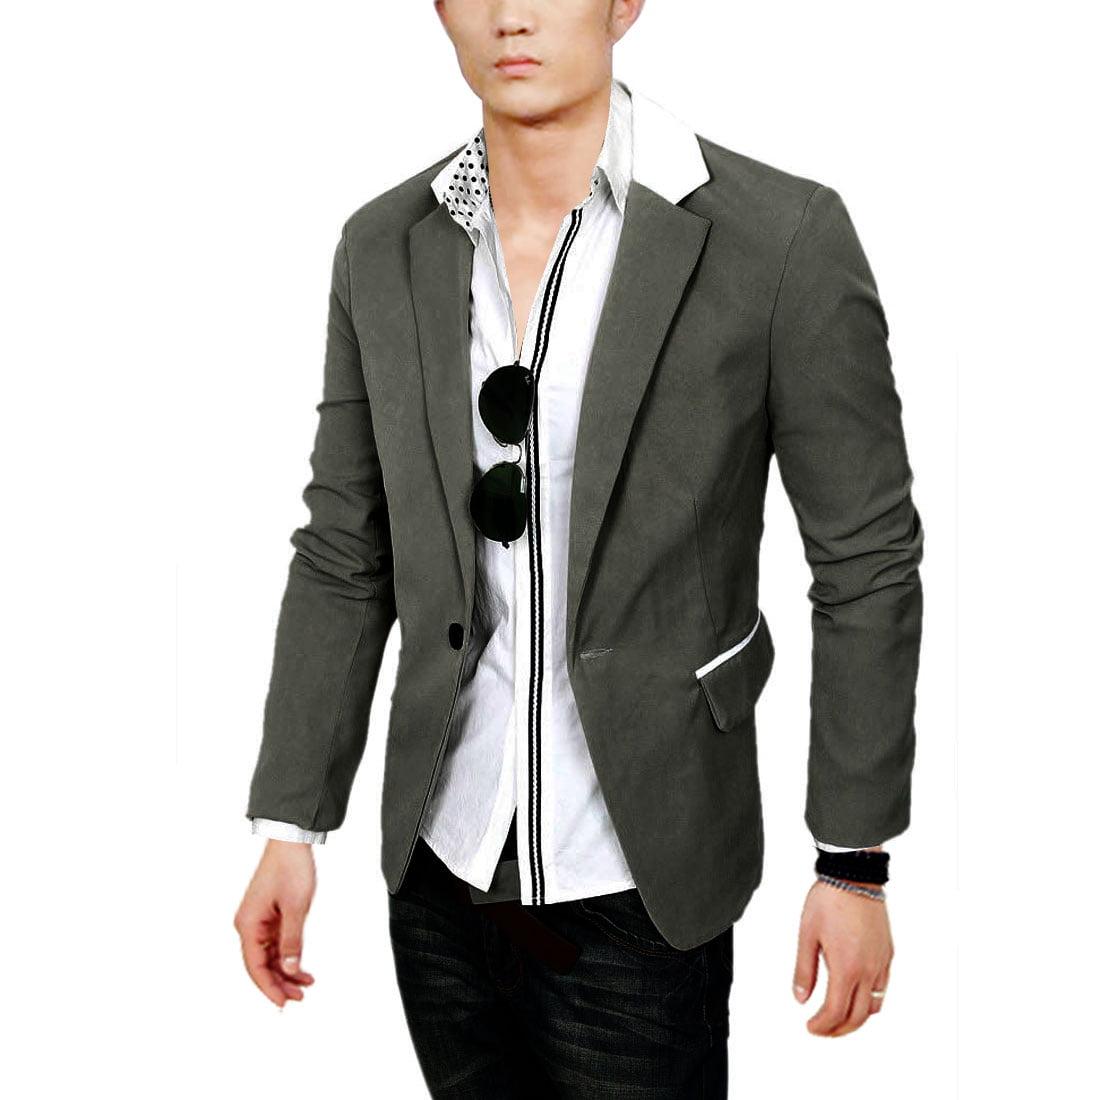 Suit jacket - Suit Jacket 14